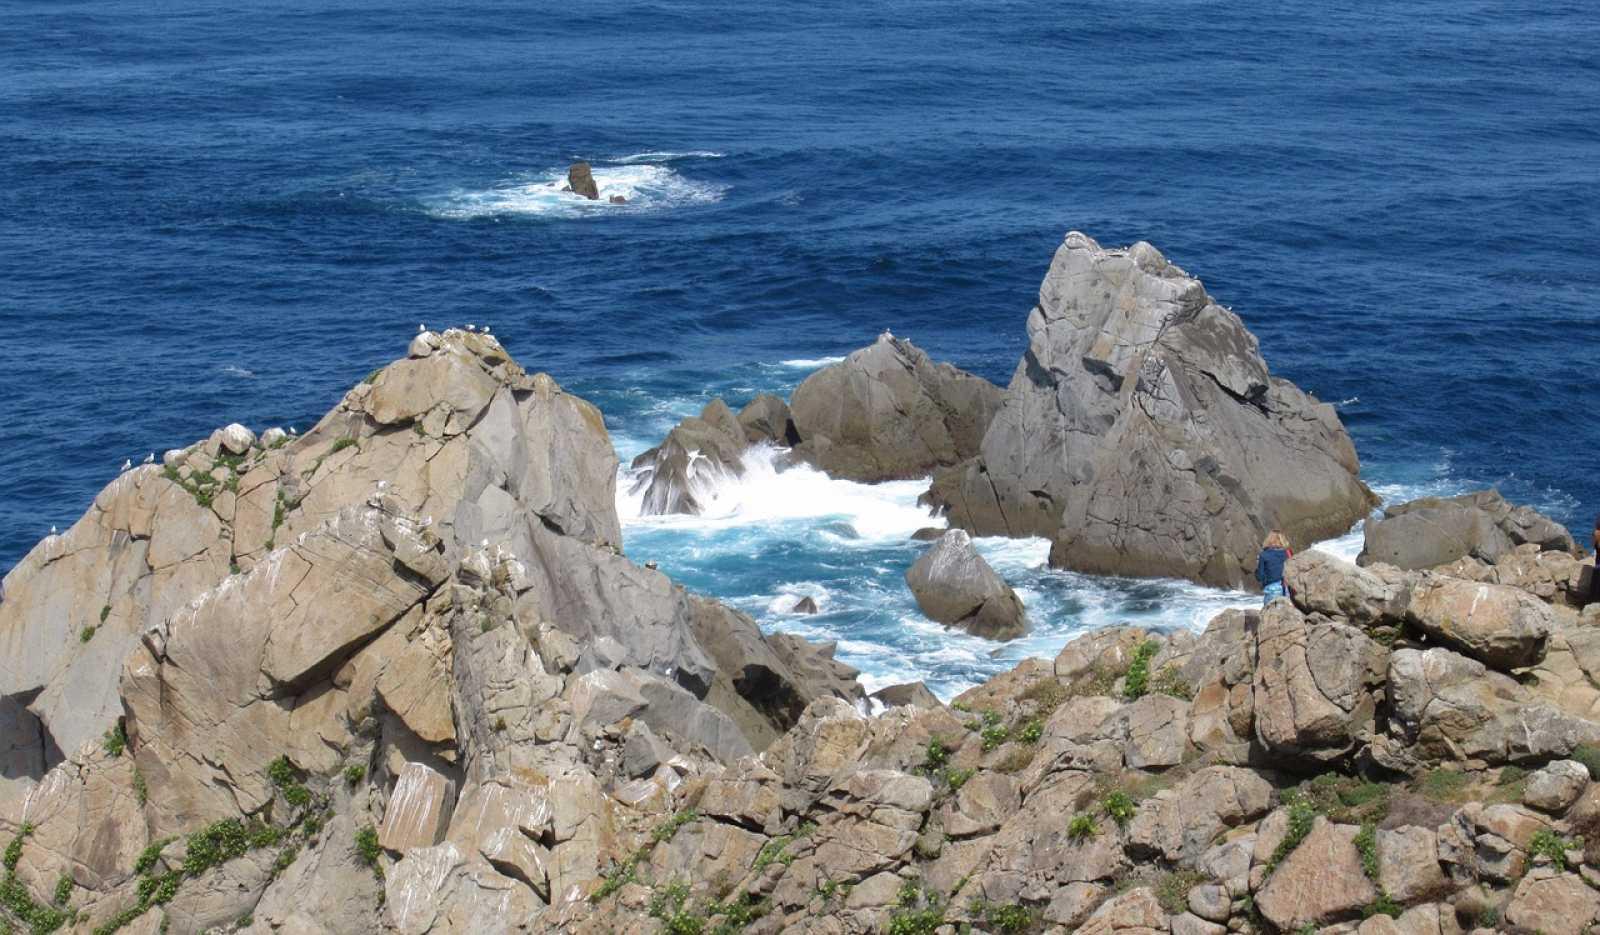 Global 5 - Georutas Cabo Ortegal (I): enseñar el lenguaje de las rocas - 15/10/20 - Escuchar ahora